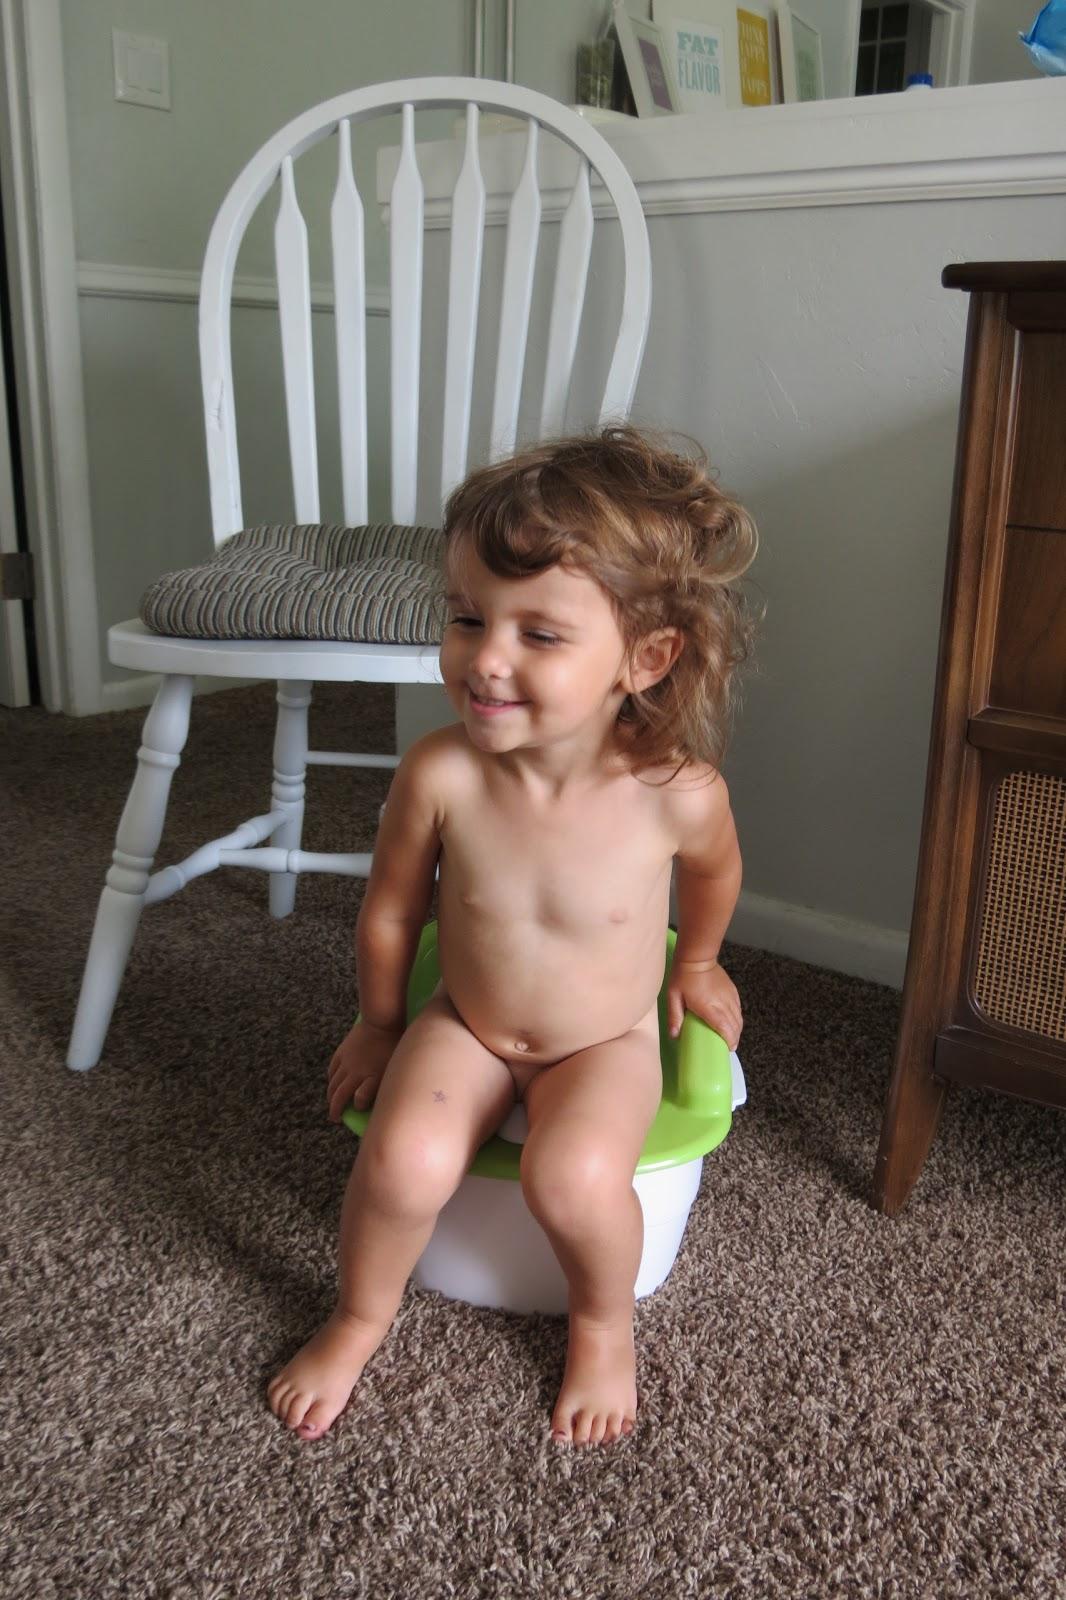 little girl squat pee